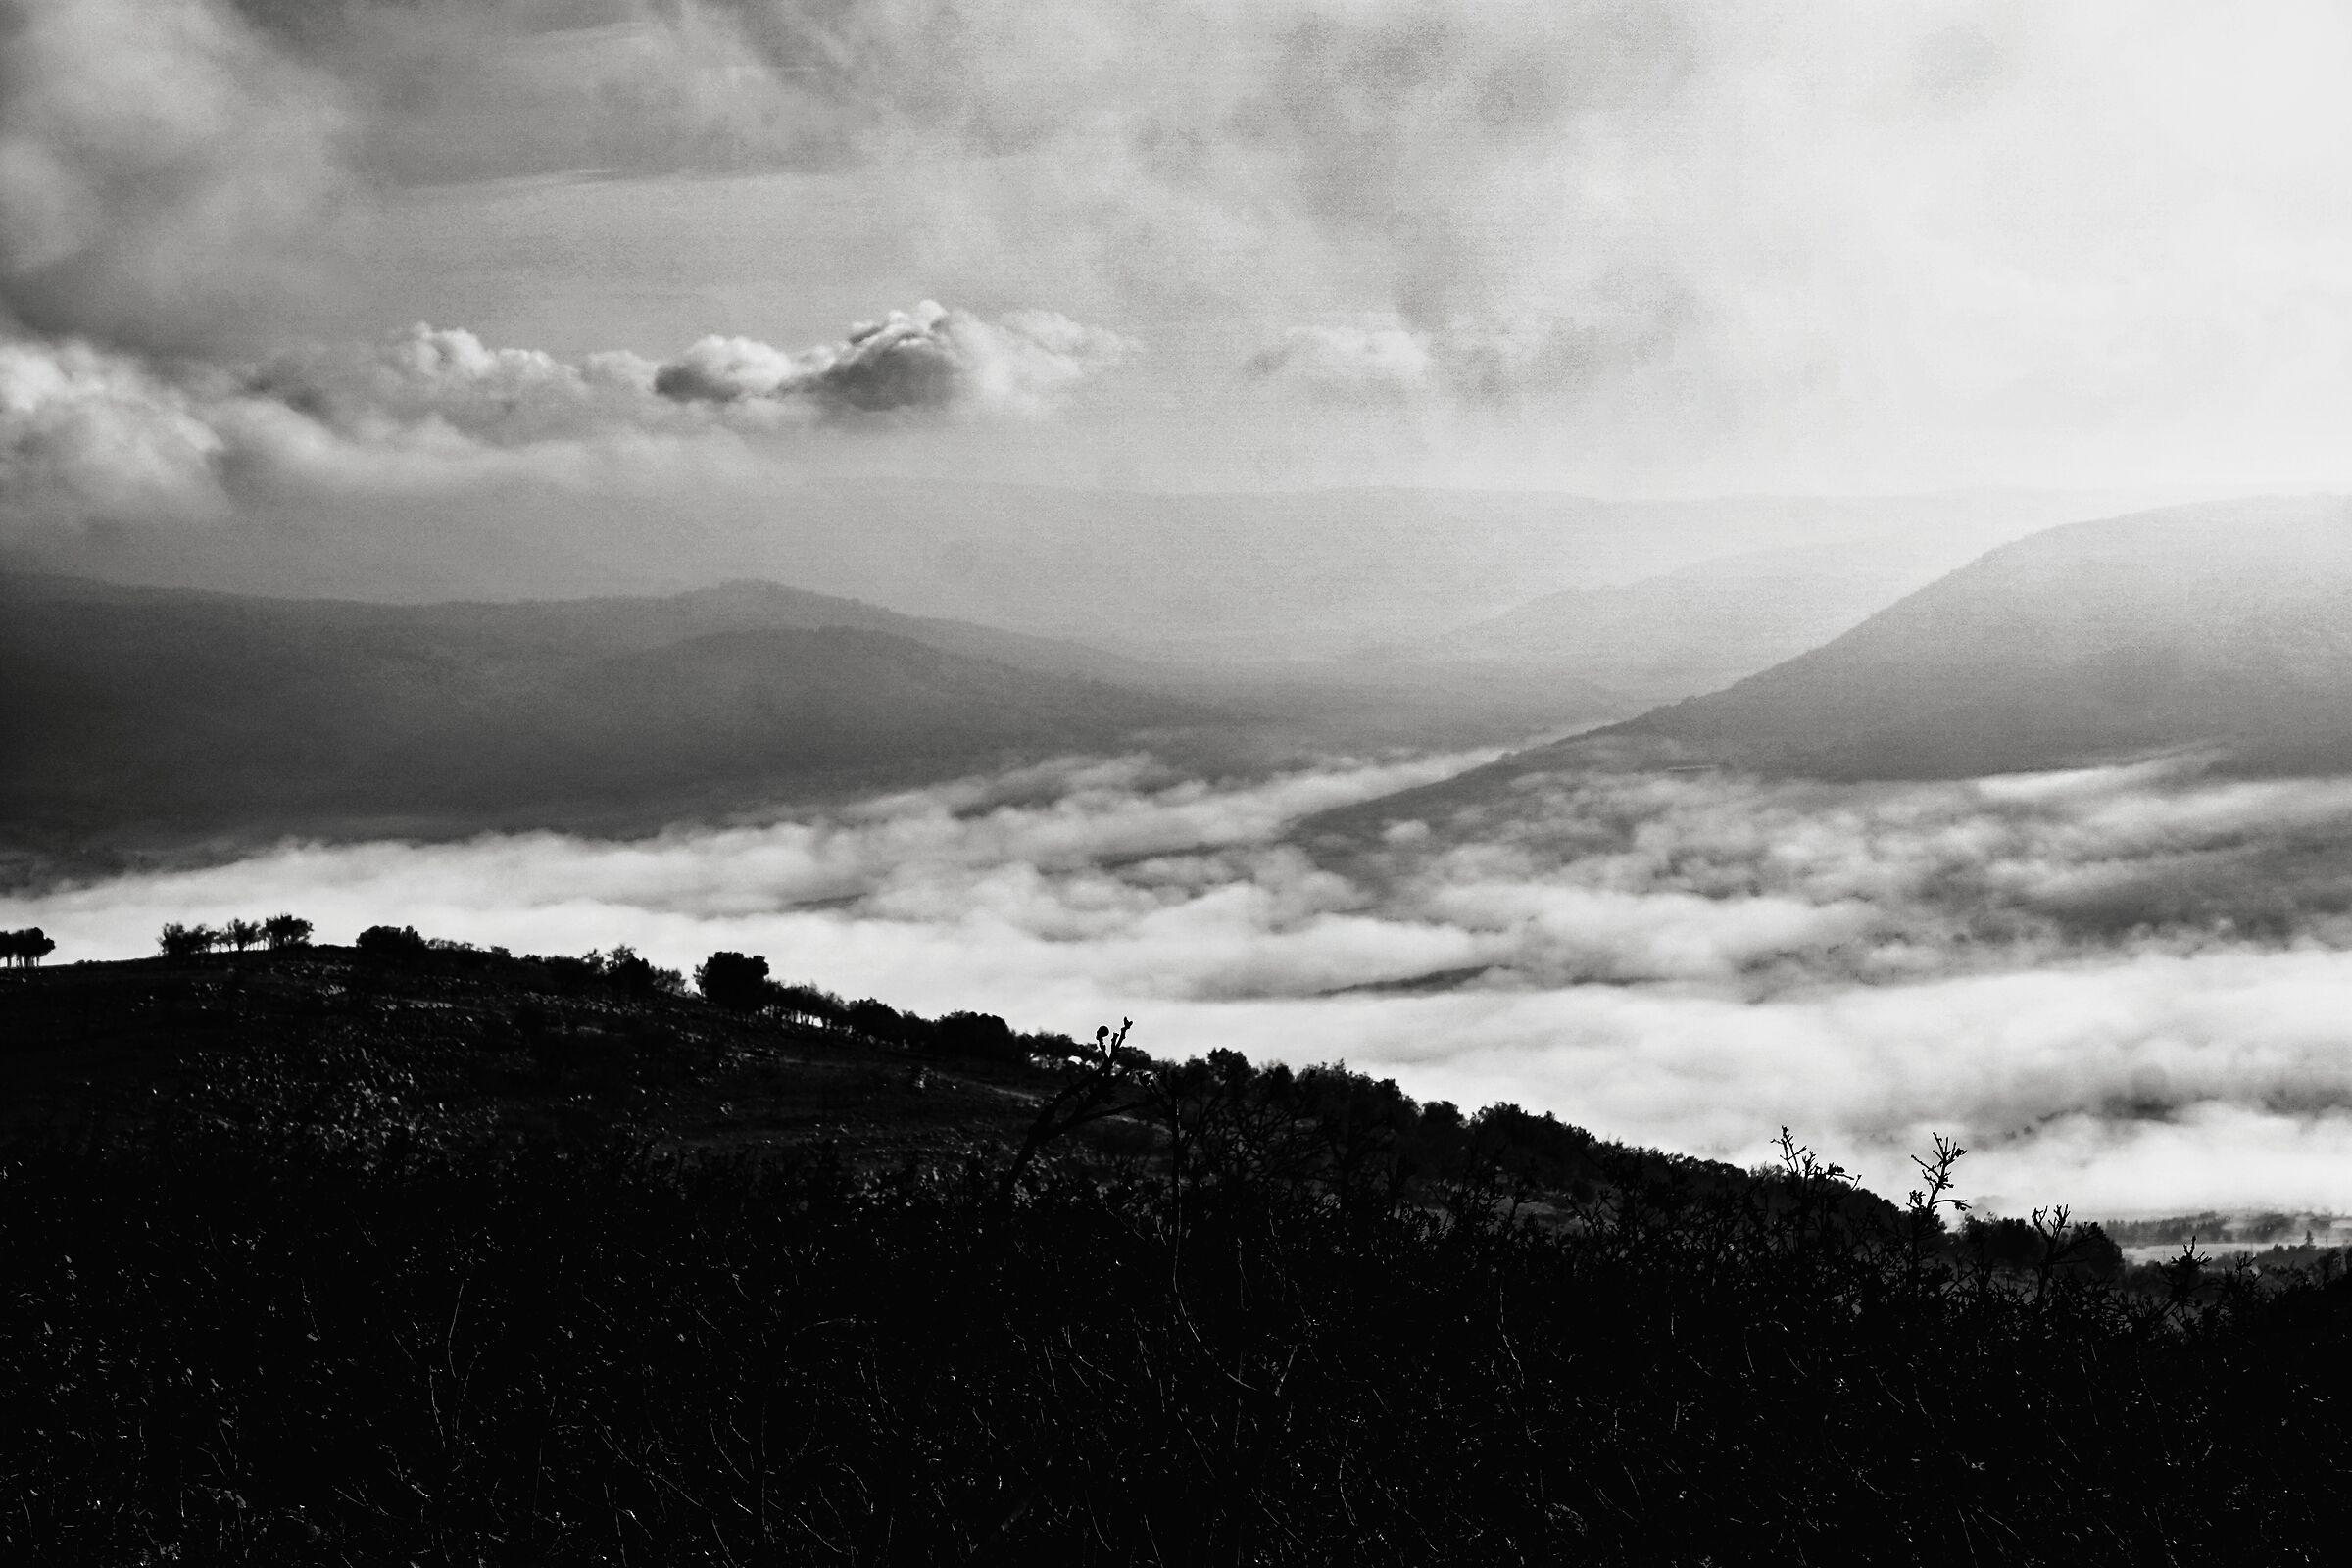 Mare di nebbia ...senza viandante...